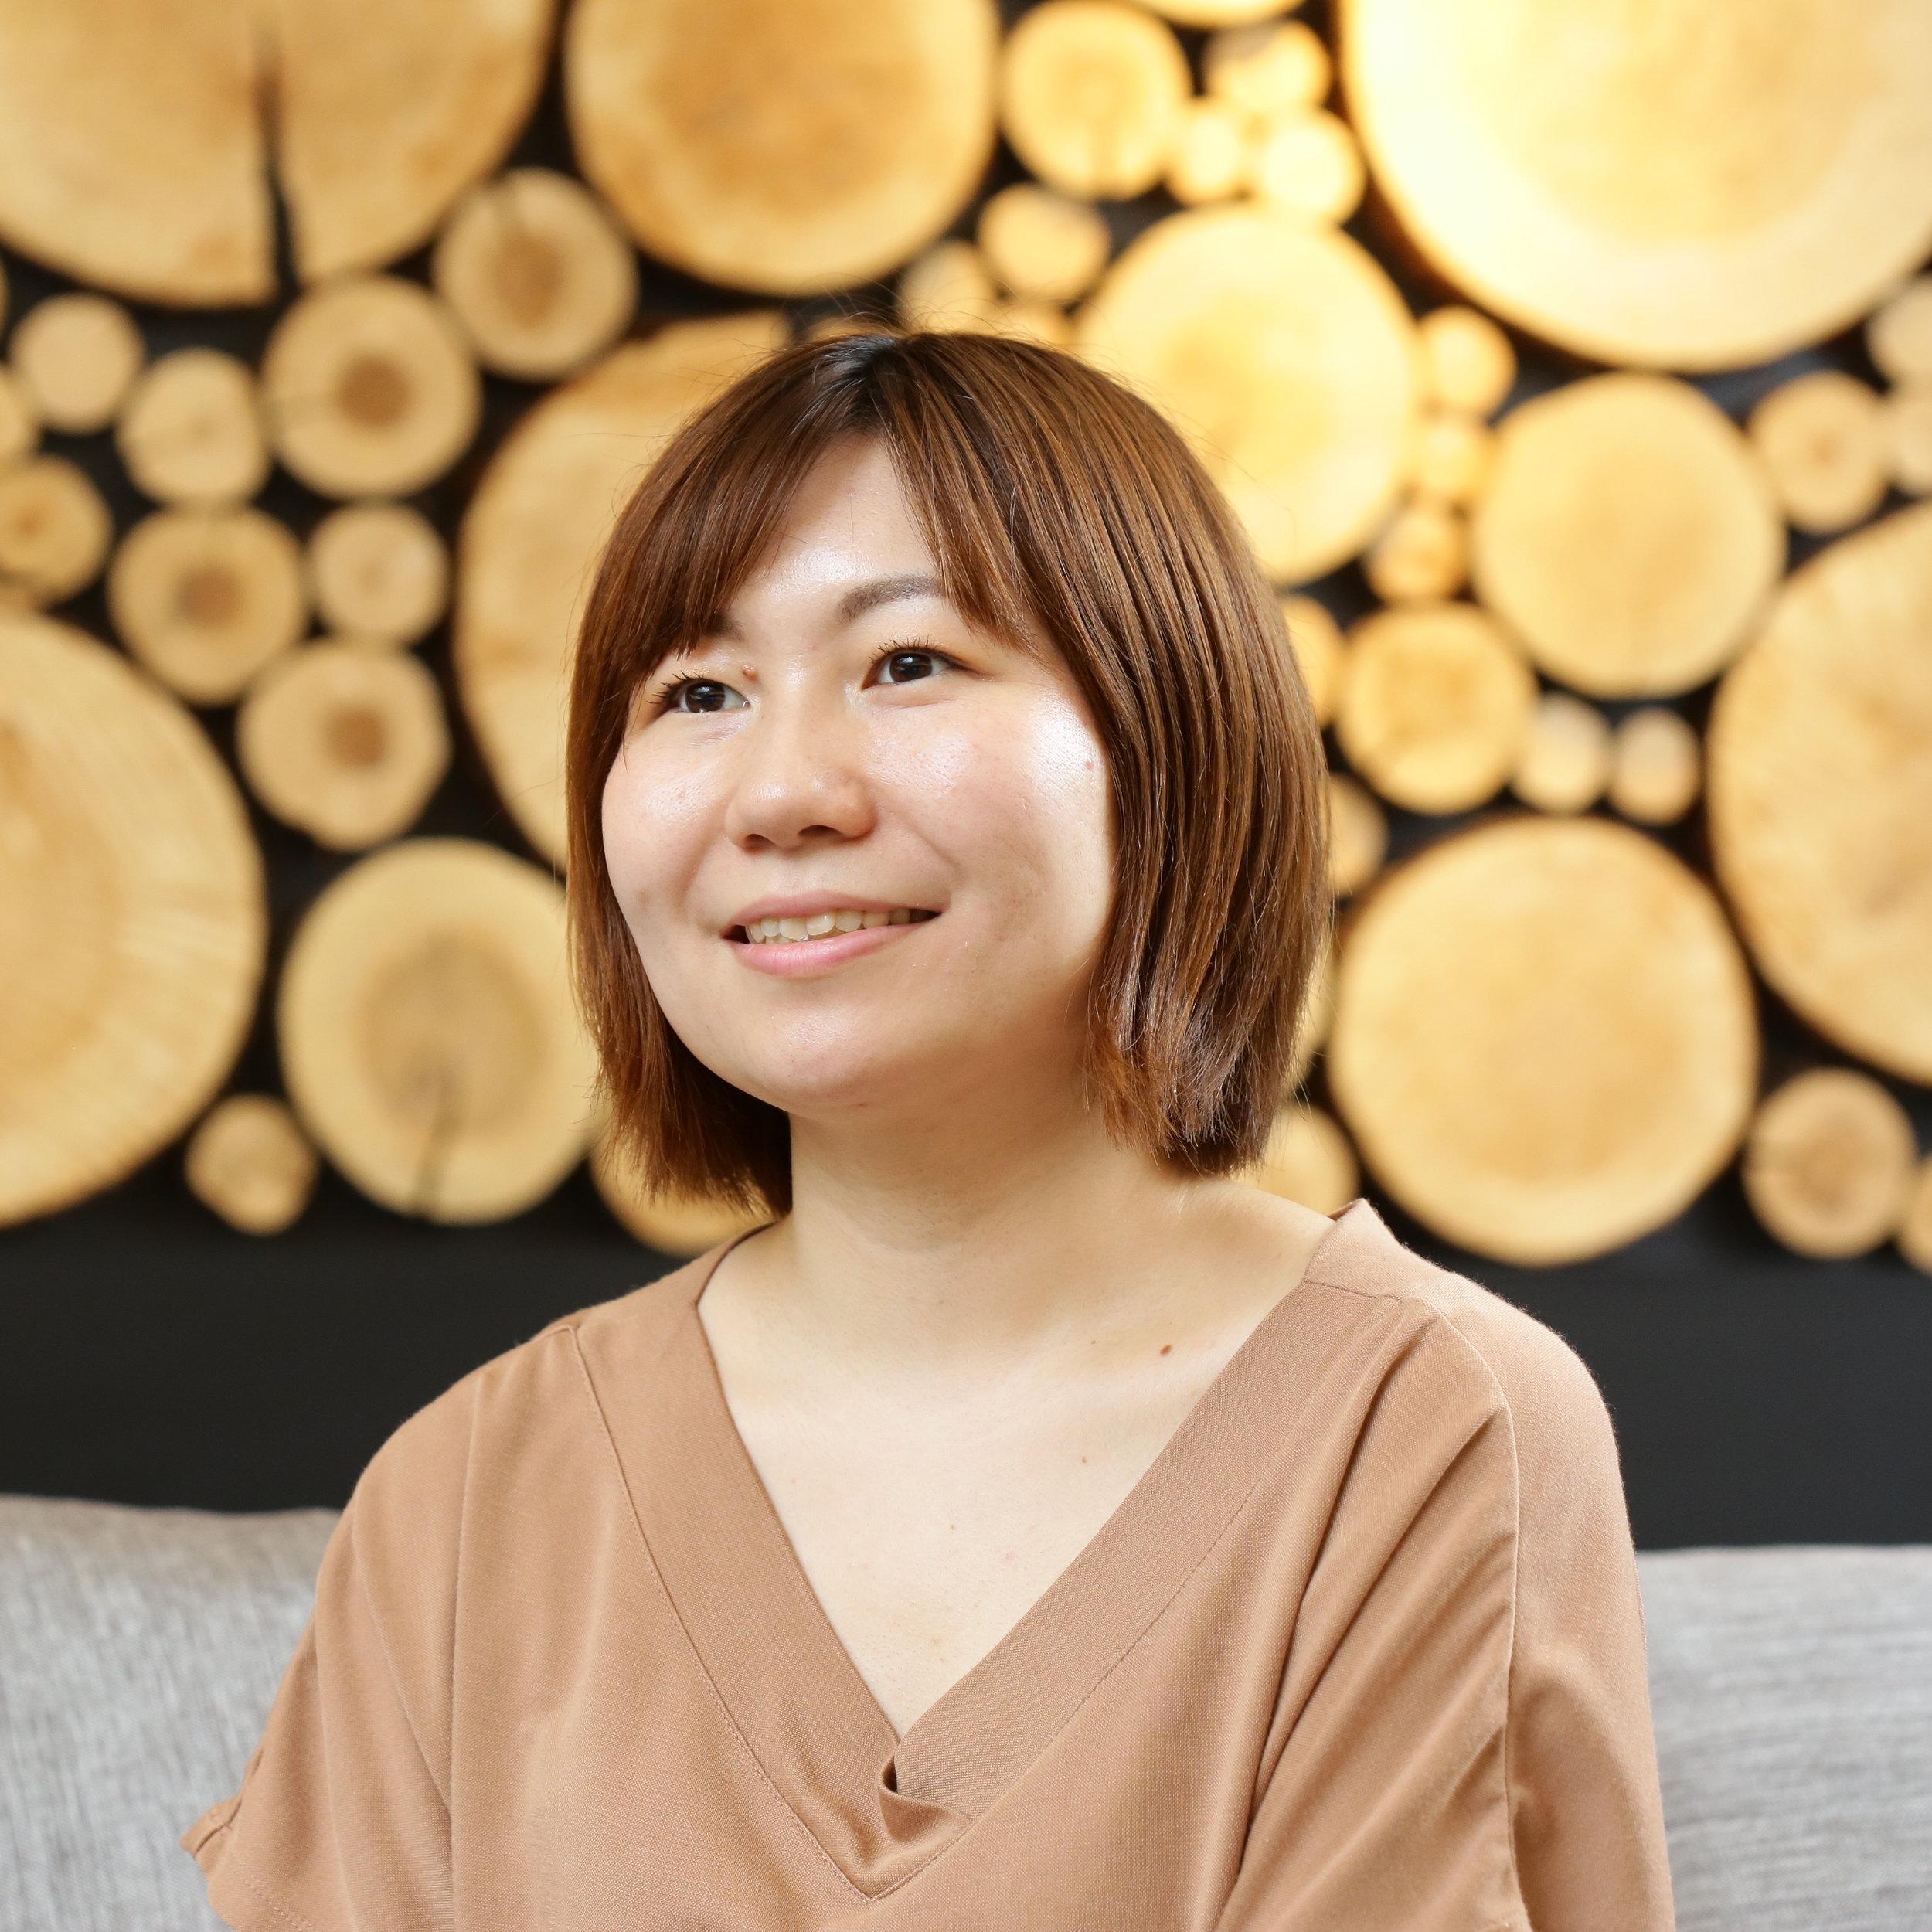 松尾 美里 氏 - 日本インタビュアー協会認定インタビュアー/ライターWahl+Caseのブログ記事作成を行う傍ら、株式会社フライヤーにて経営者、著者へのインタビューを行う。現在、自身のライフミッションとして「キャリアインタビューサービス」の活動を行う。面白い生き方の実践者に話を聞き、その魅力を発信している。また、70名の生き方をまとめたブログ「教育×キャリアインタビュー」の著者でもある。